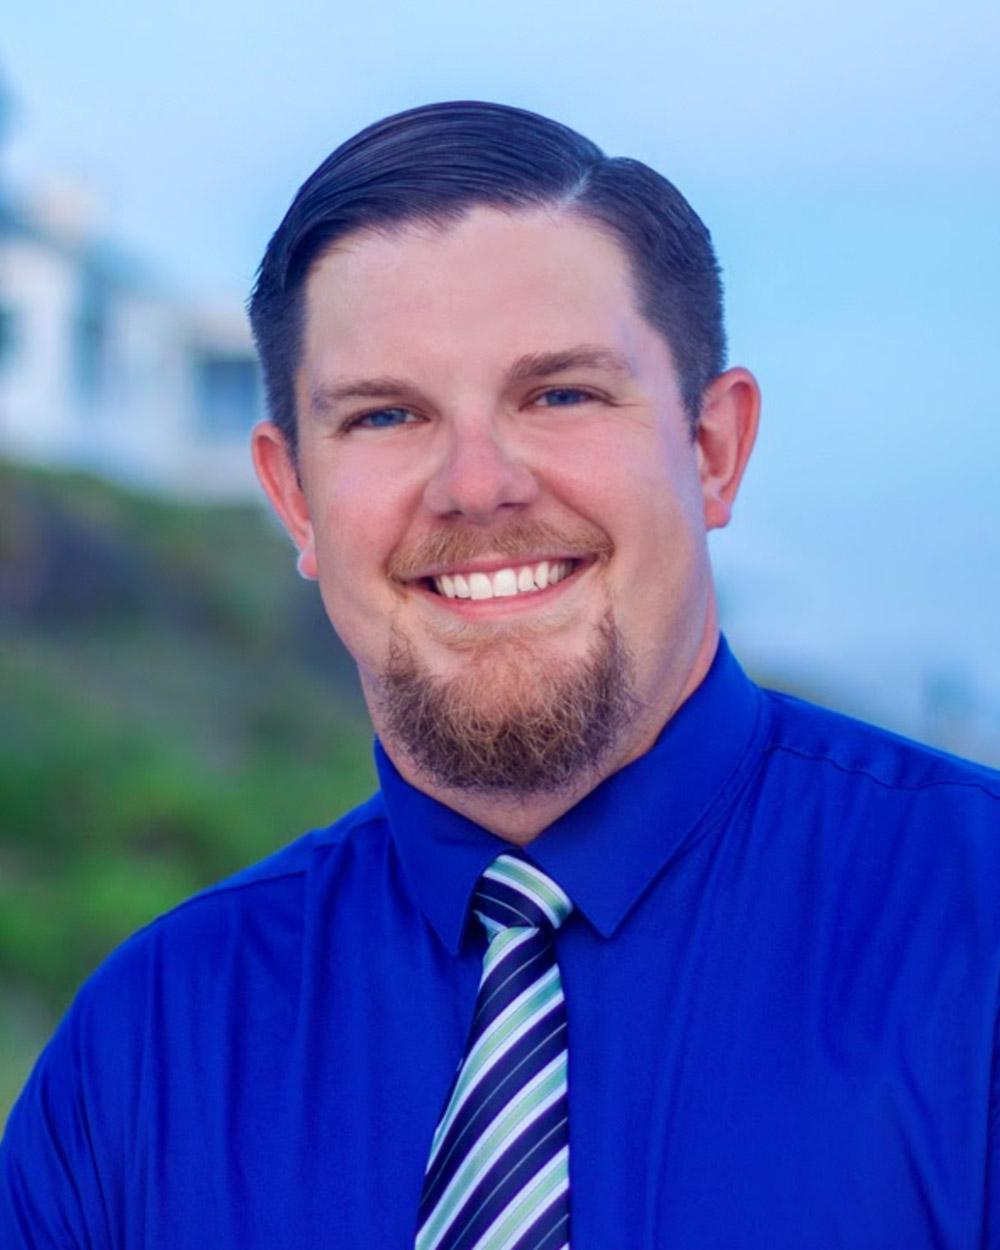 Jeff Hinkel Niceville Florida Real Estate Agent